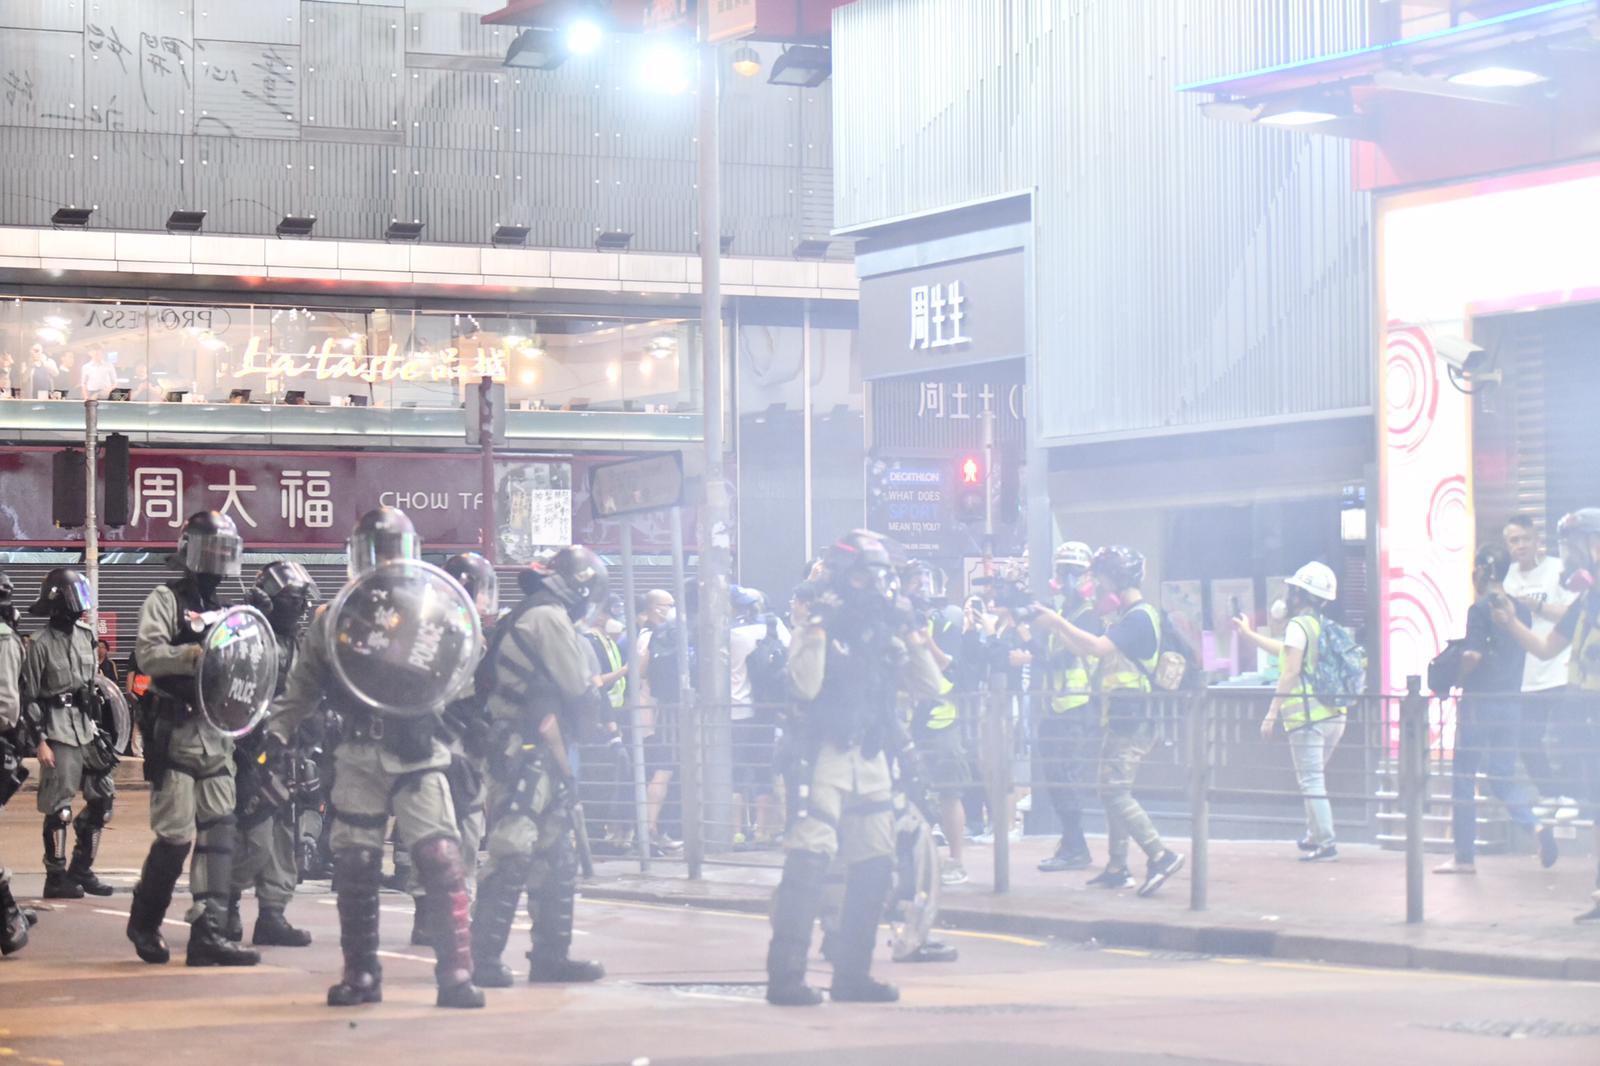 【修例风波】英国呼吁示威者结束暴力 各方应以政治方法化解危机